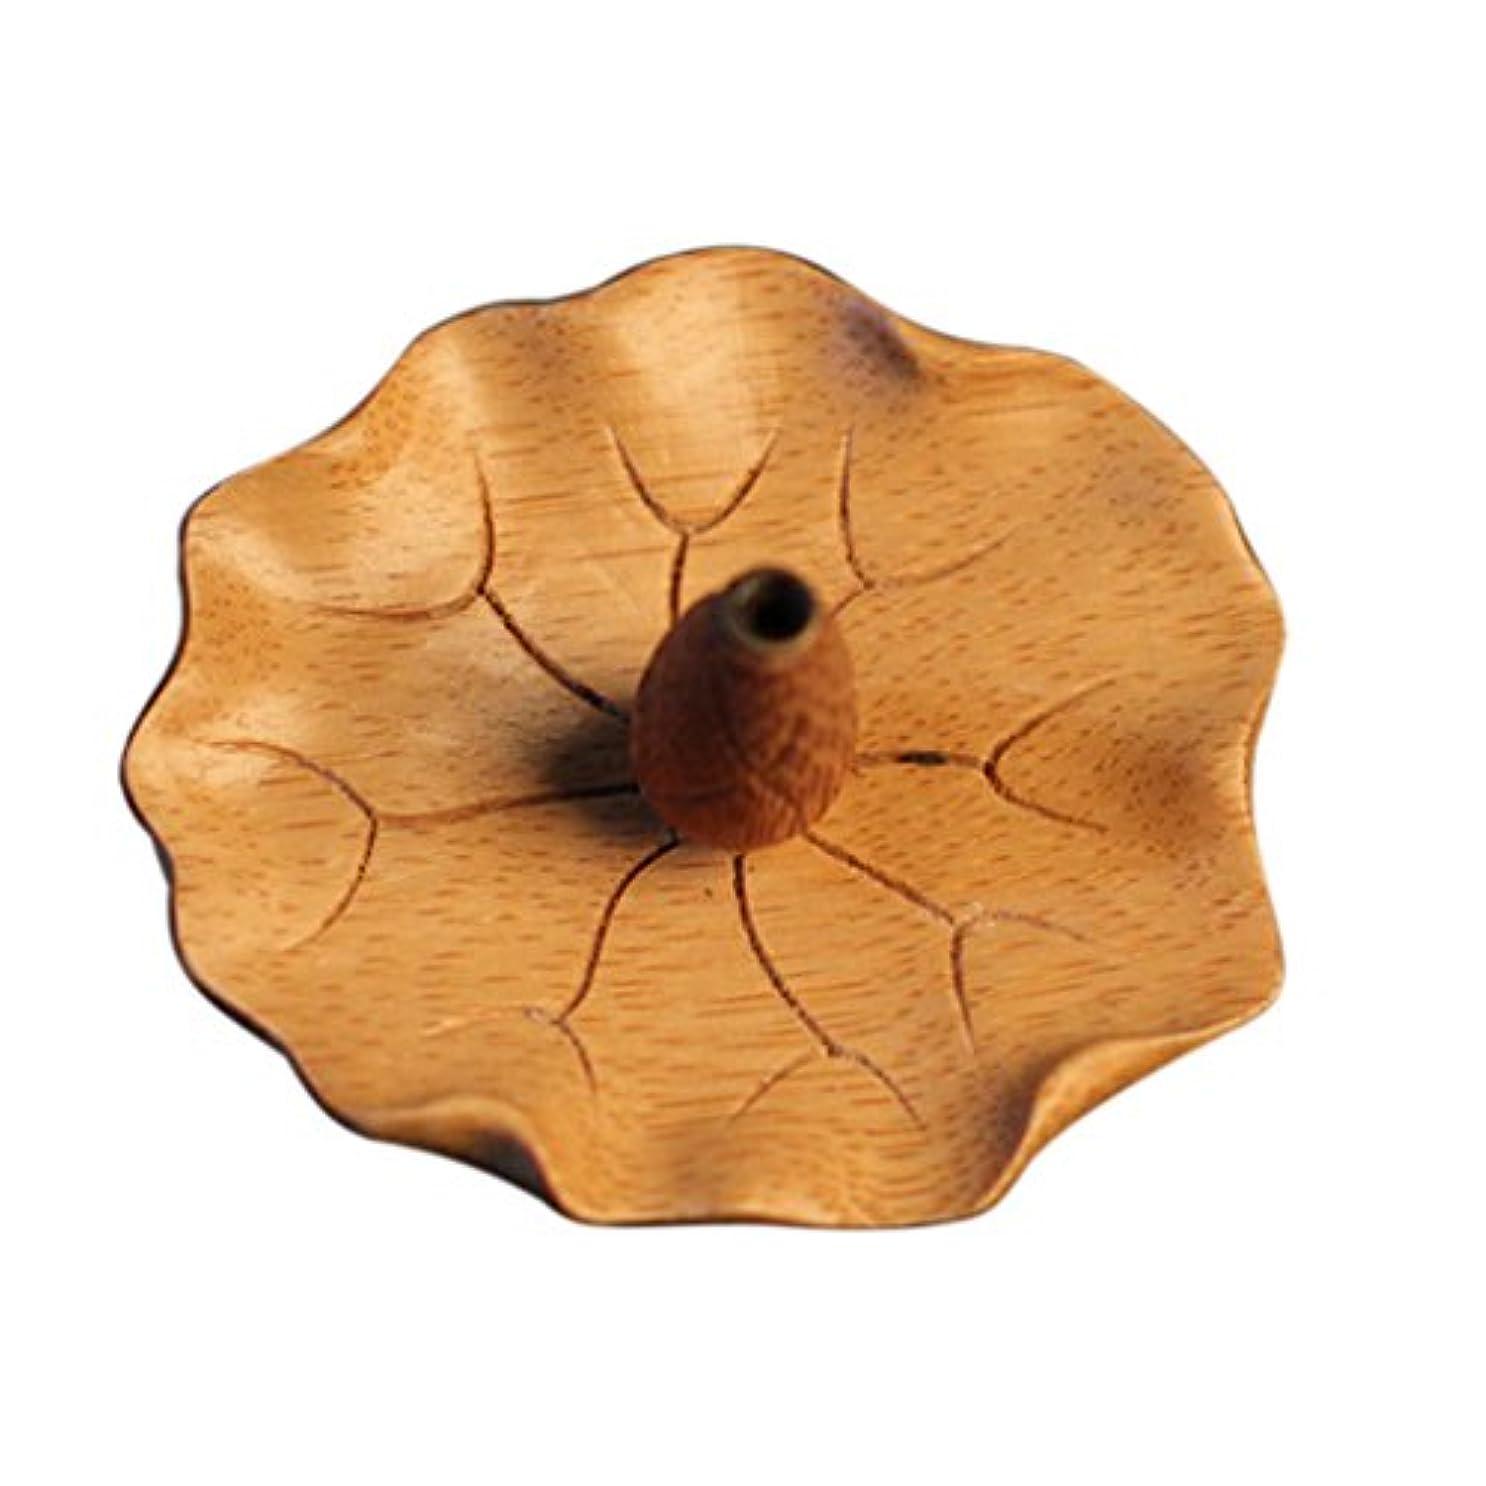 円形液体適応するFityle 蓮花形 香皿 竹製 お香立て スティック用 1穴 バーナー ホルダー